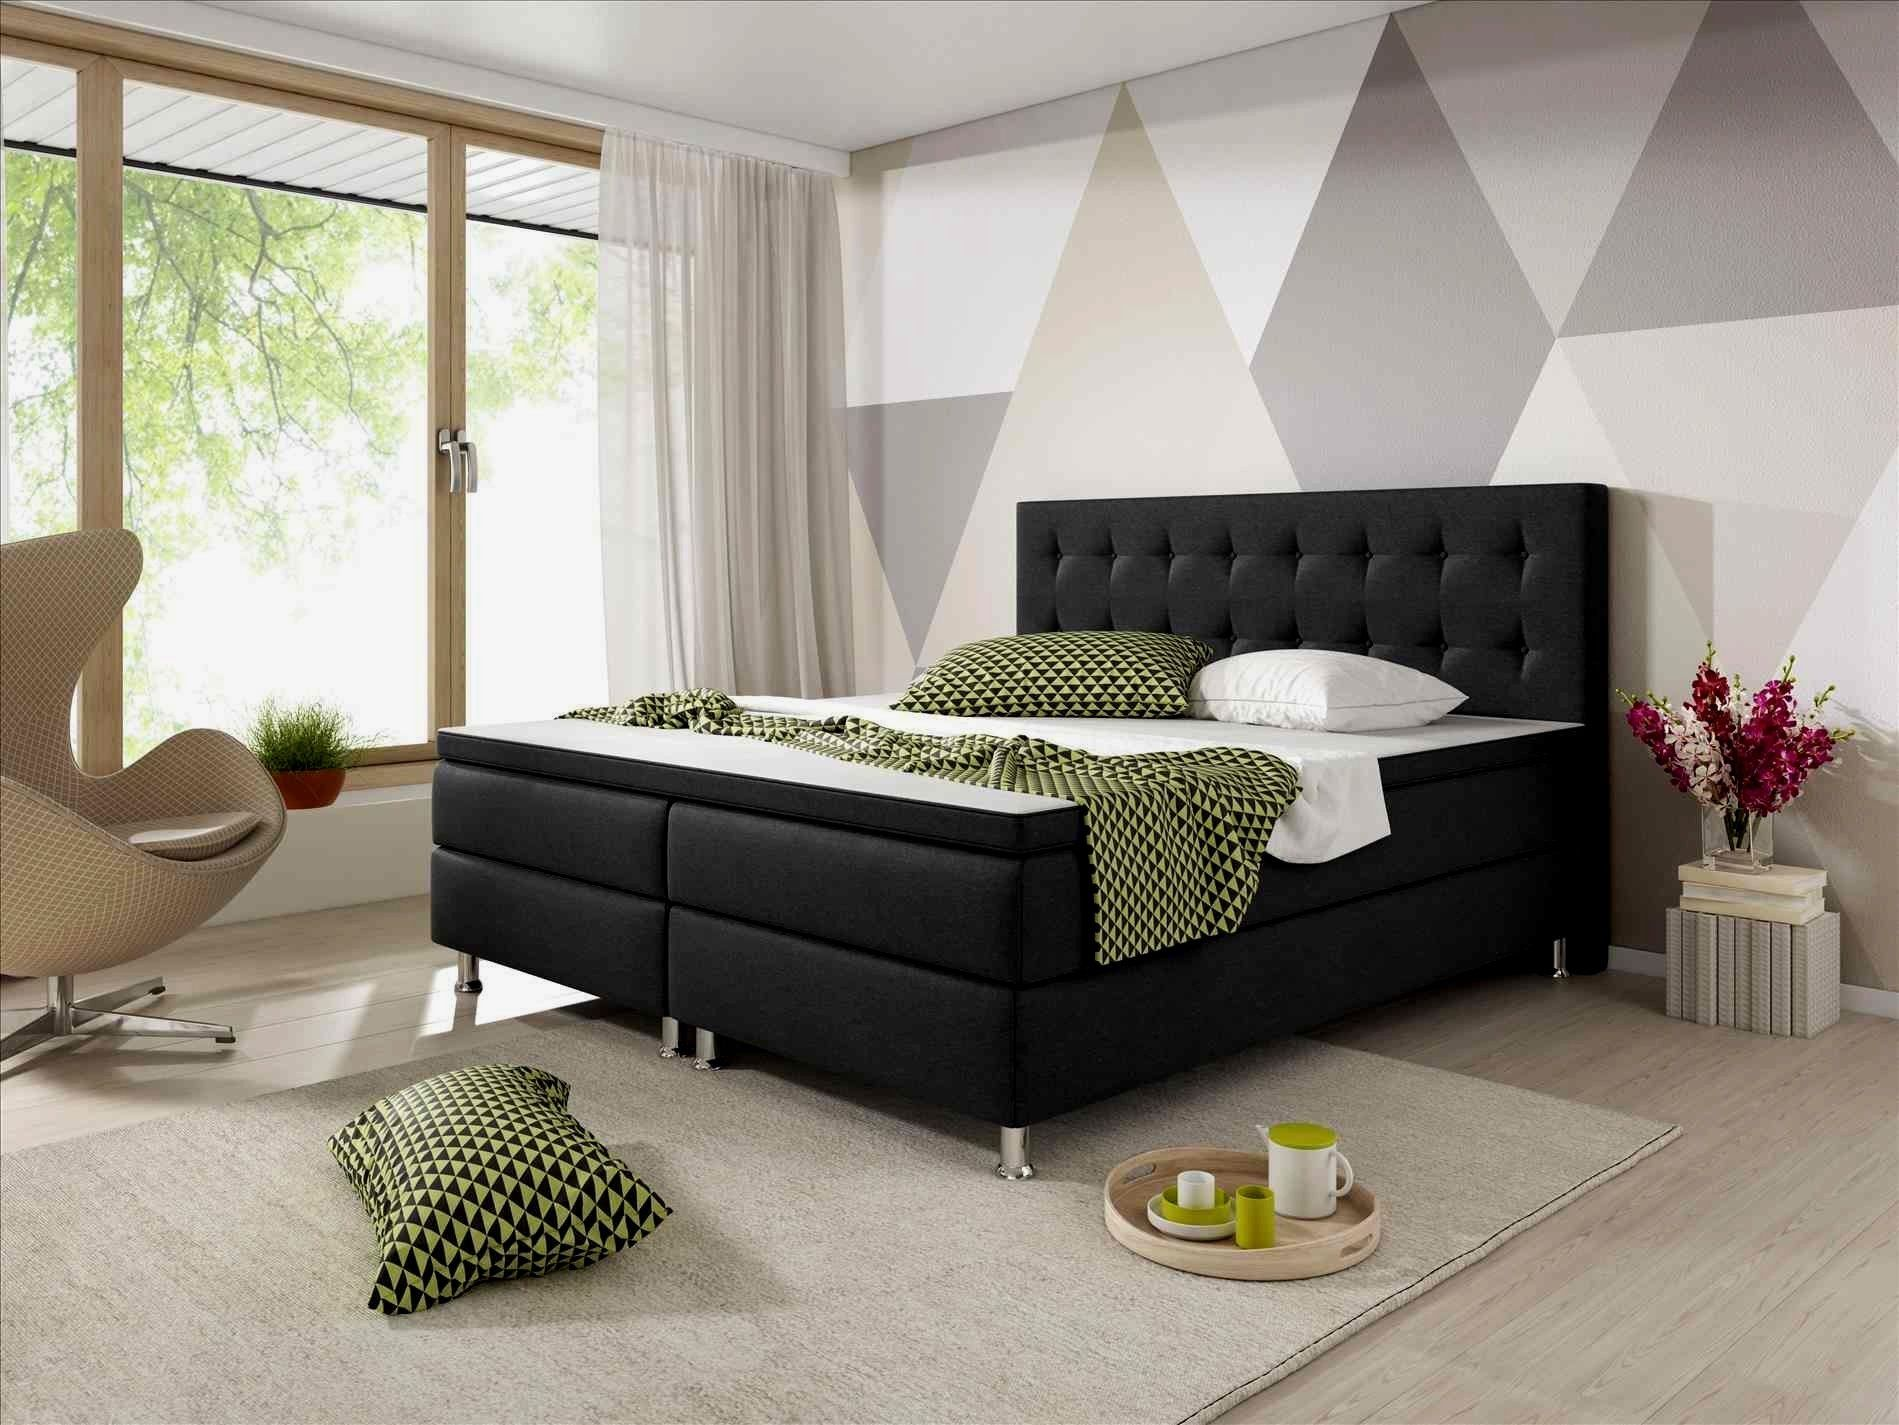 Erstaunlich Schlafzimmer Im Wald Design Fototapeten Fur